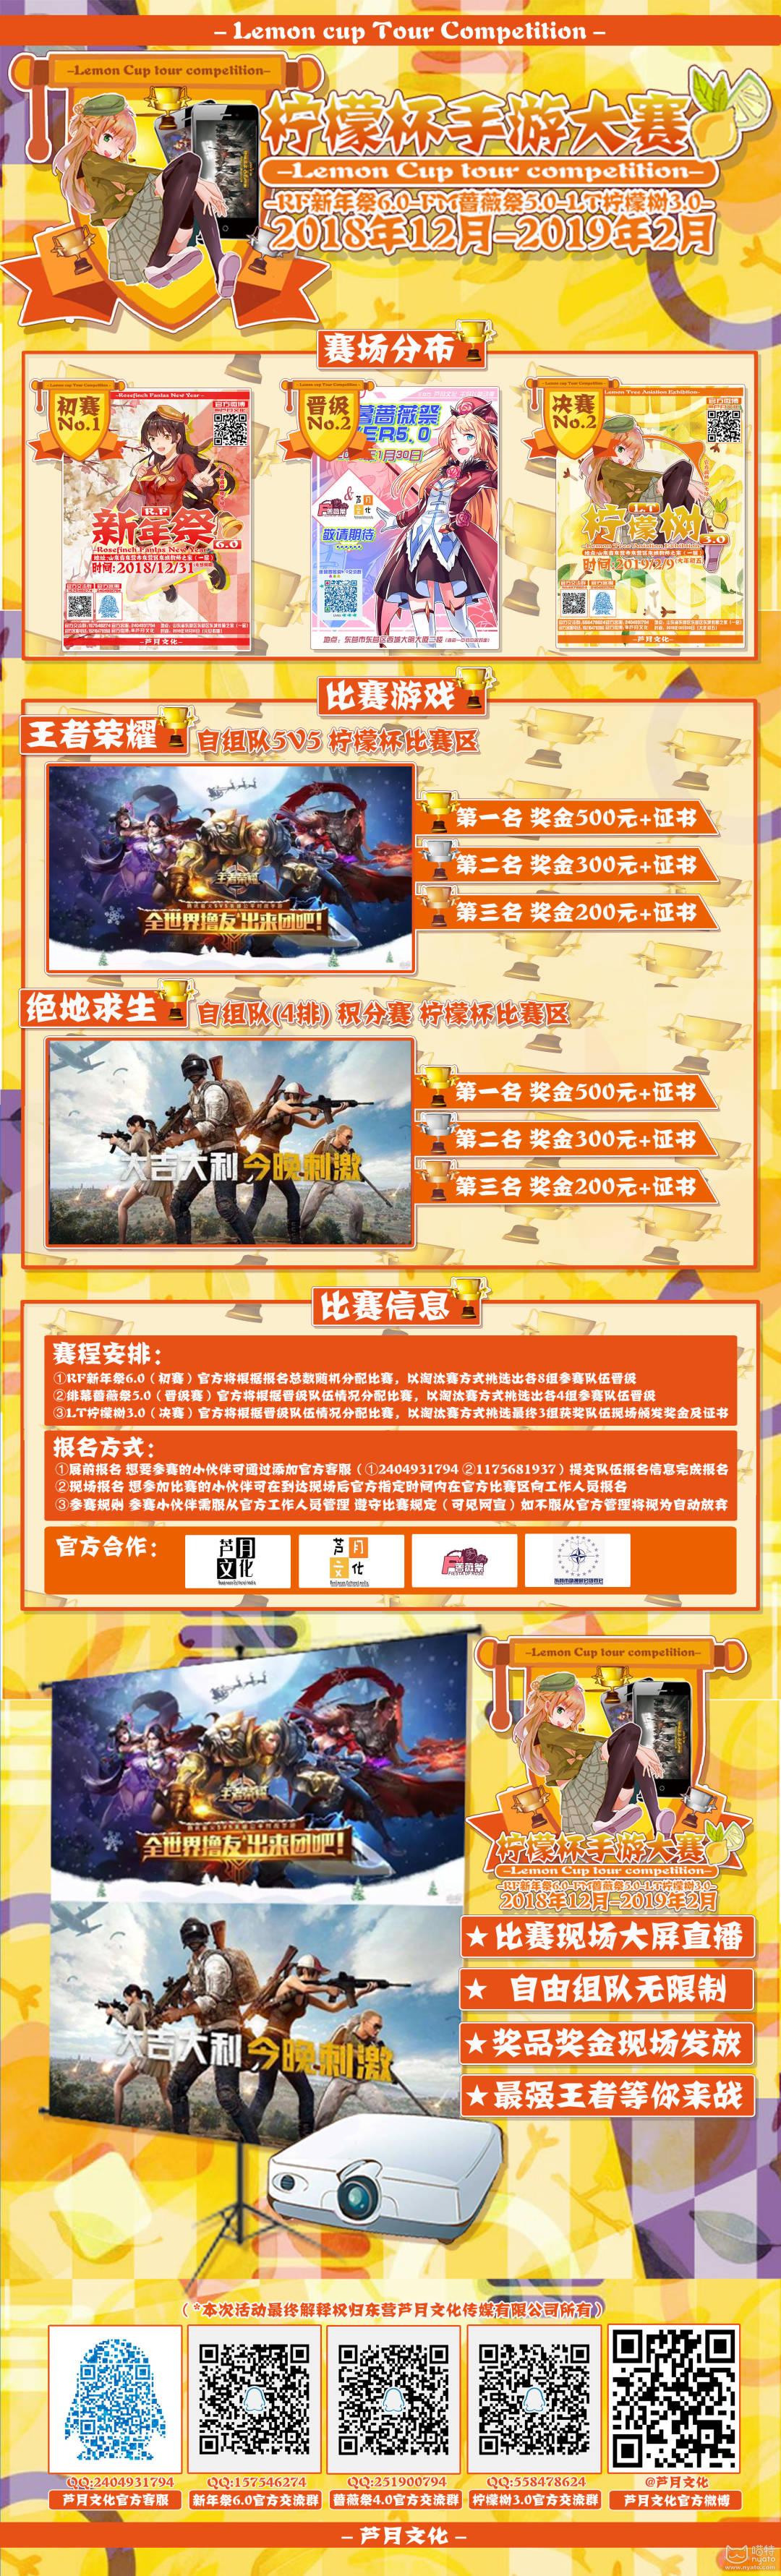 柠檬杯手游大赛海报(改3).jpg